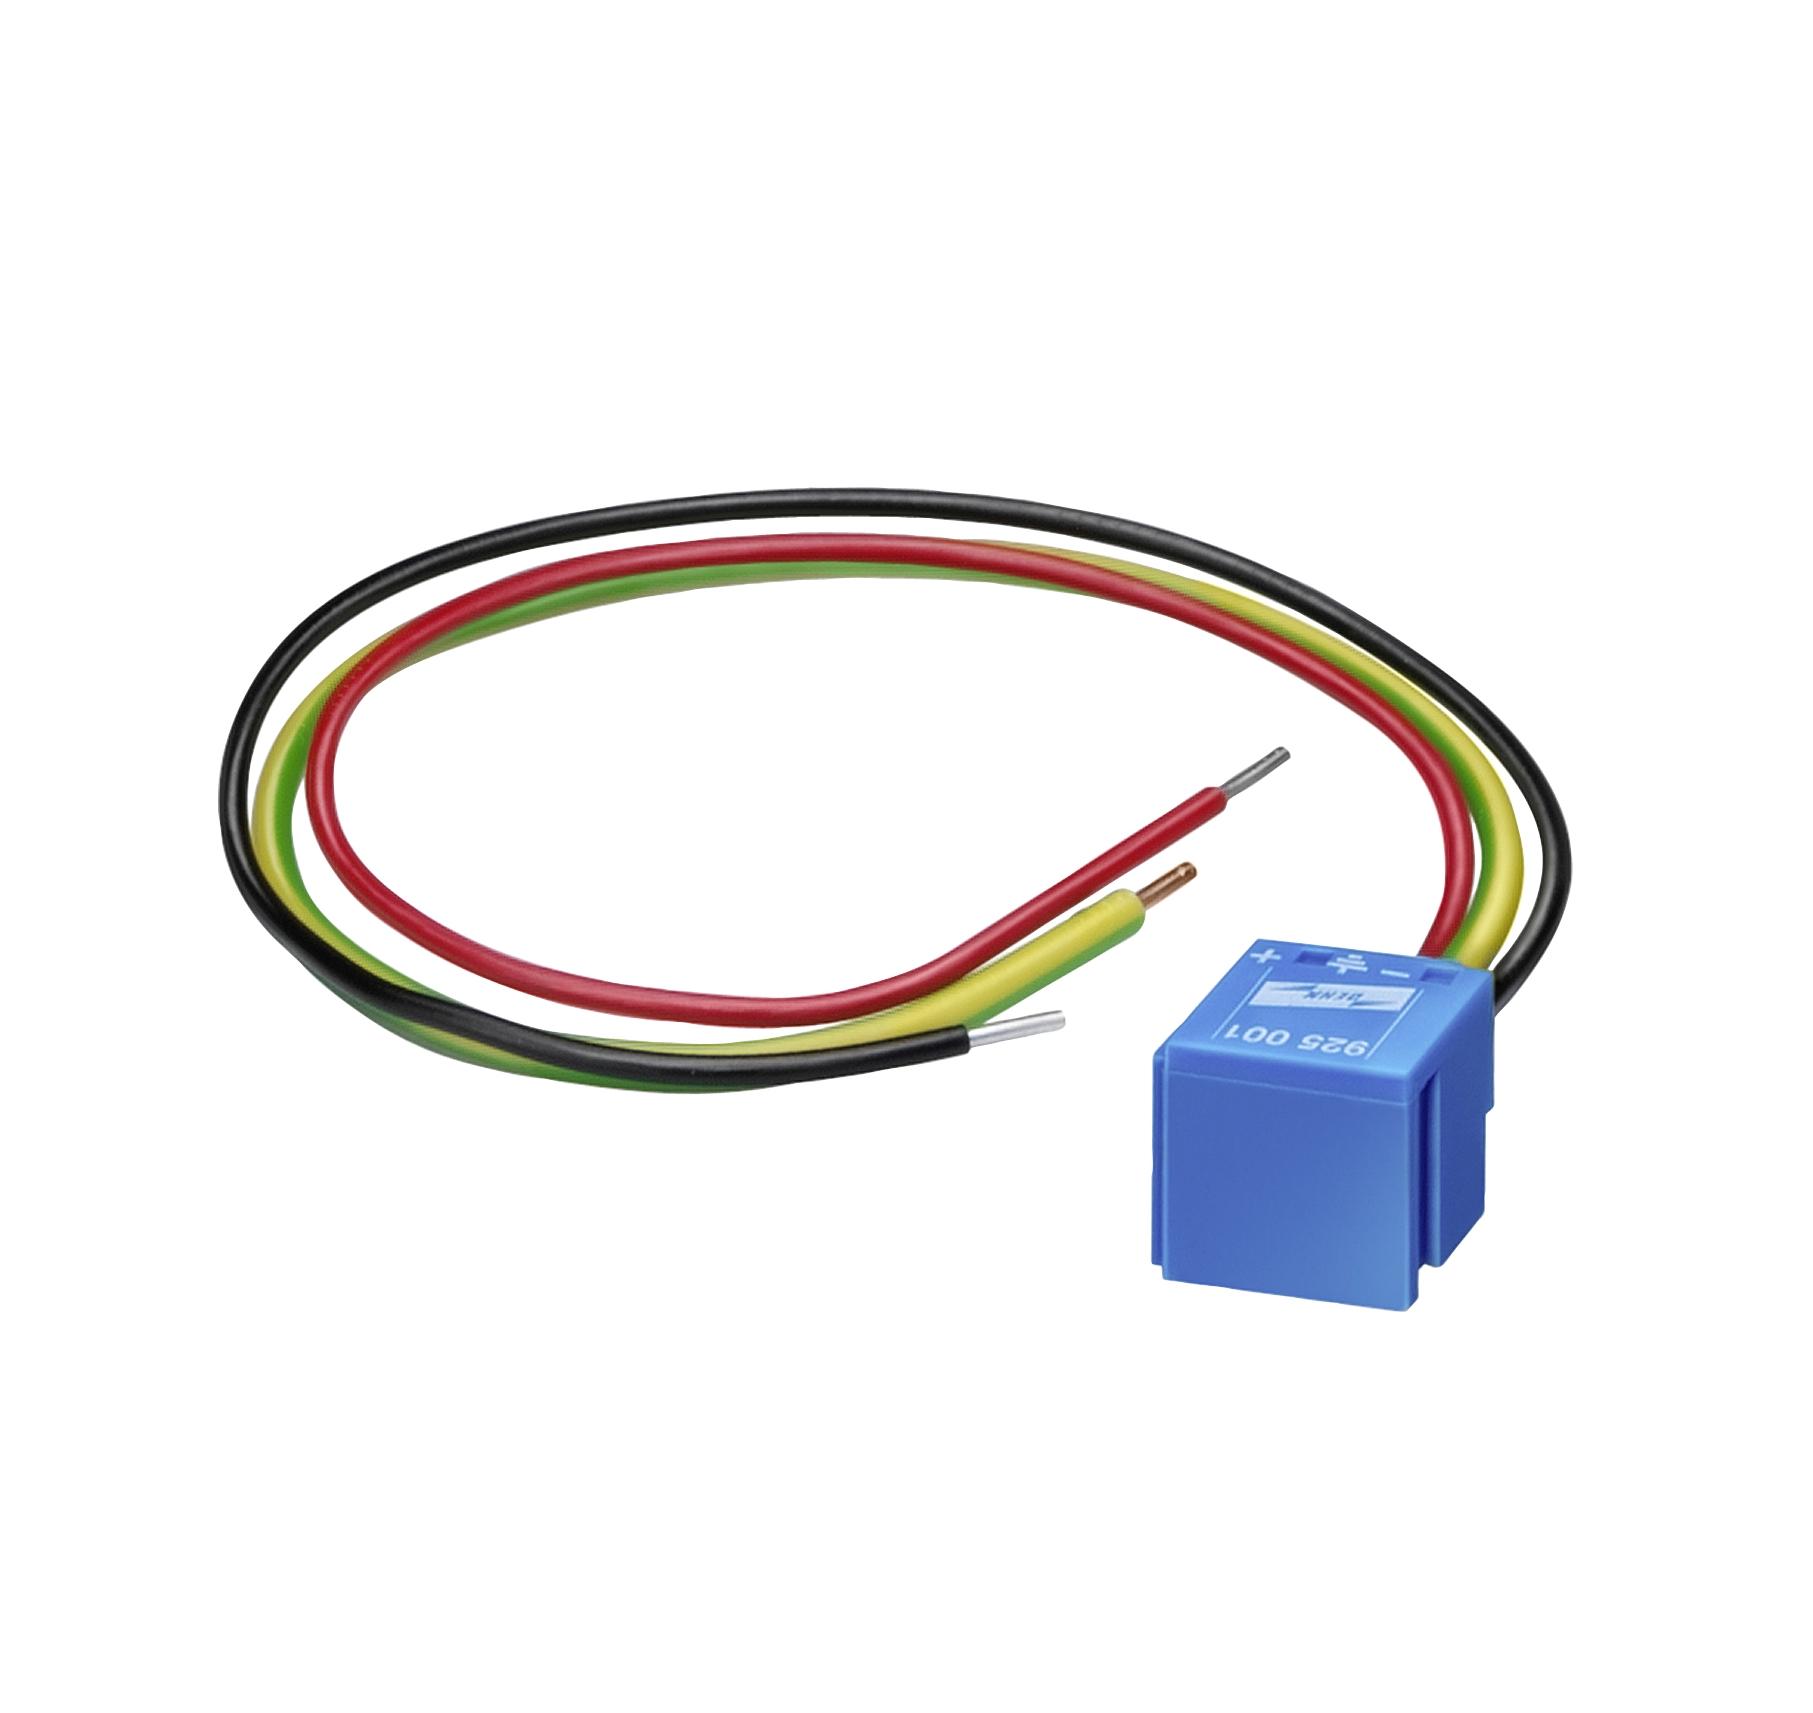 1 Stk Überspannungsschutz, Gerätefeinschutz für Busgerät KX1908AD01